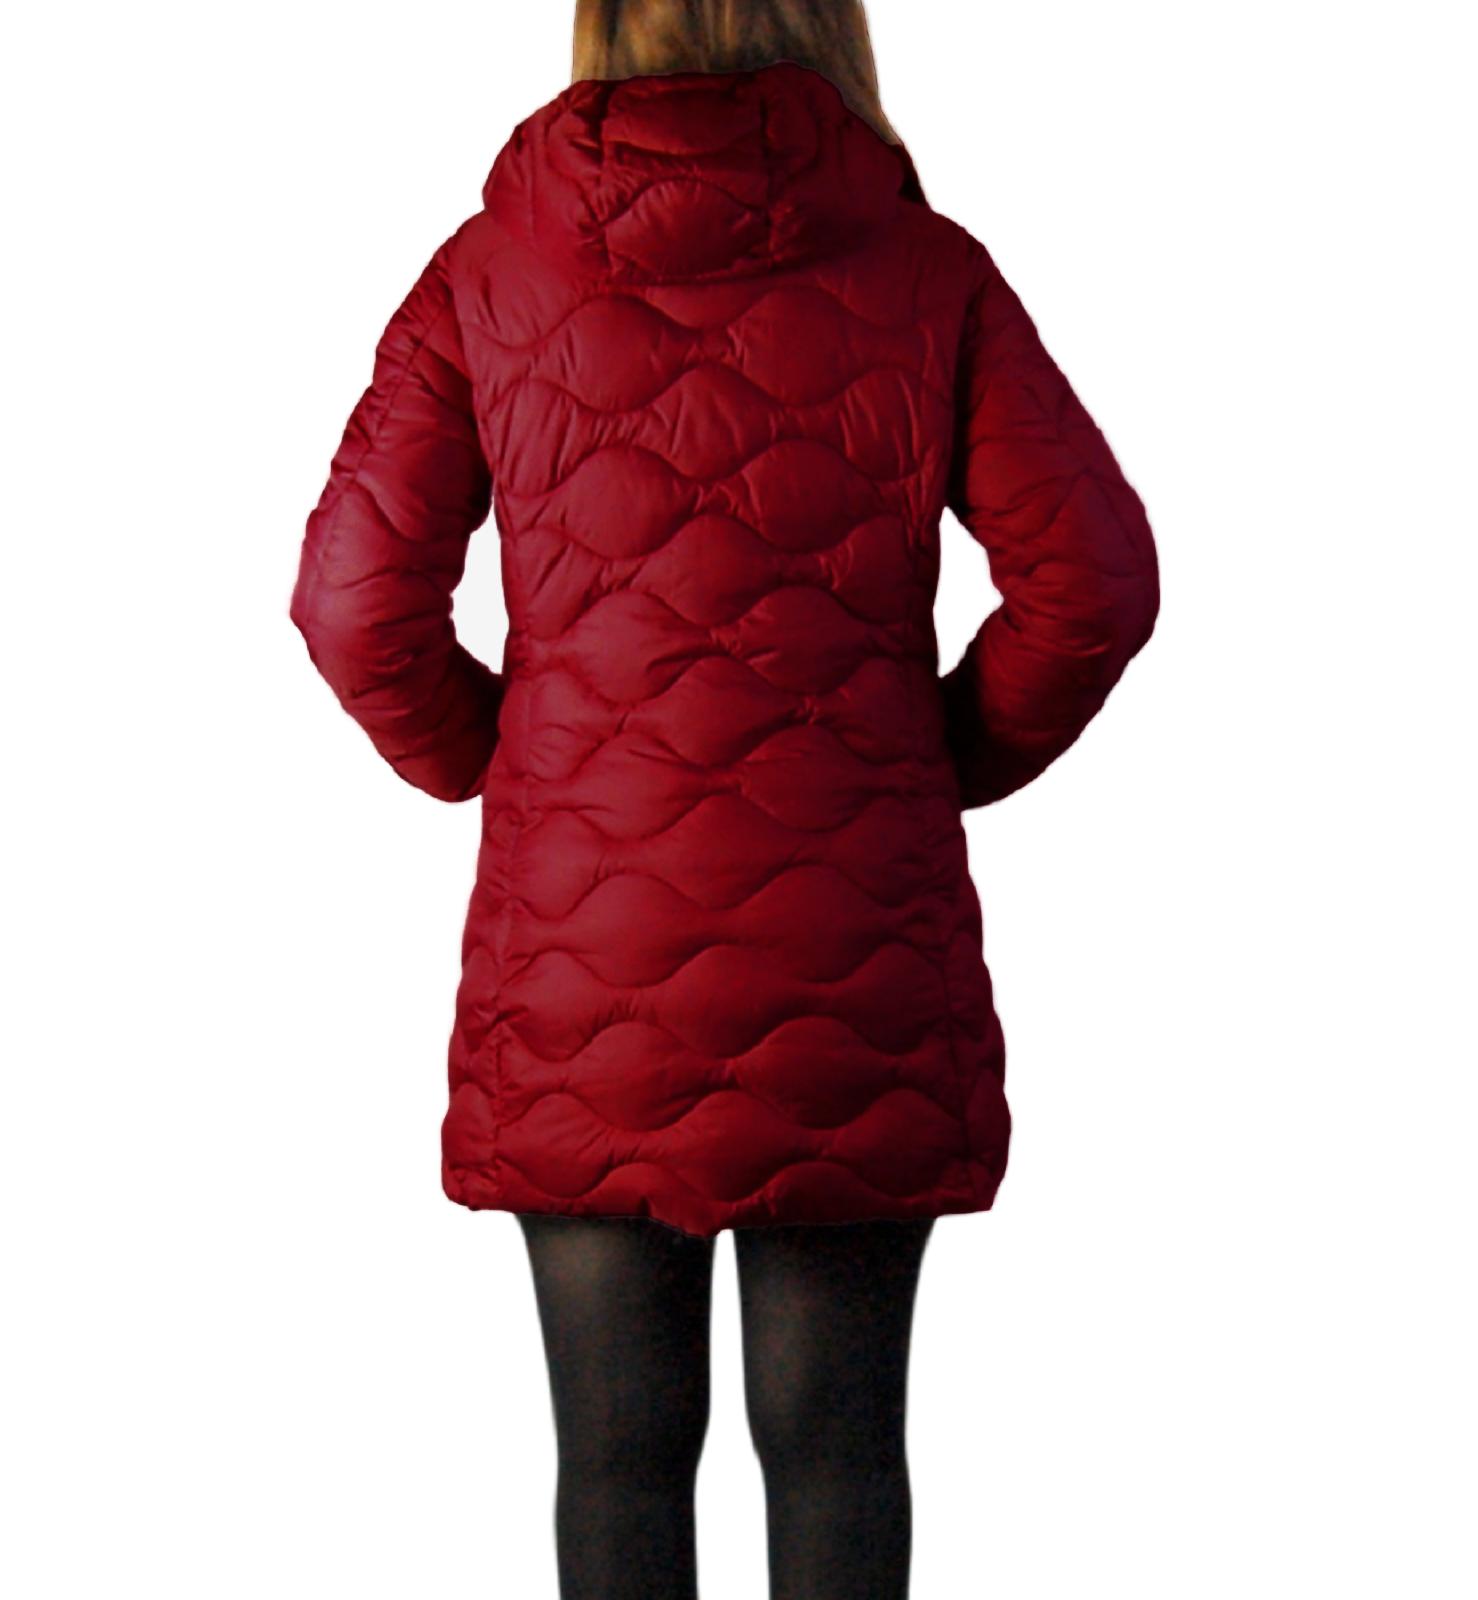 Piumino-Donna-Invernale-Giubbotto-Lungo-Giubbino-Caldo-Imbottito-Cappuccio miniatura 11